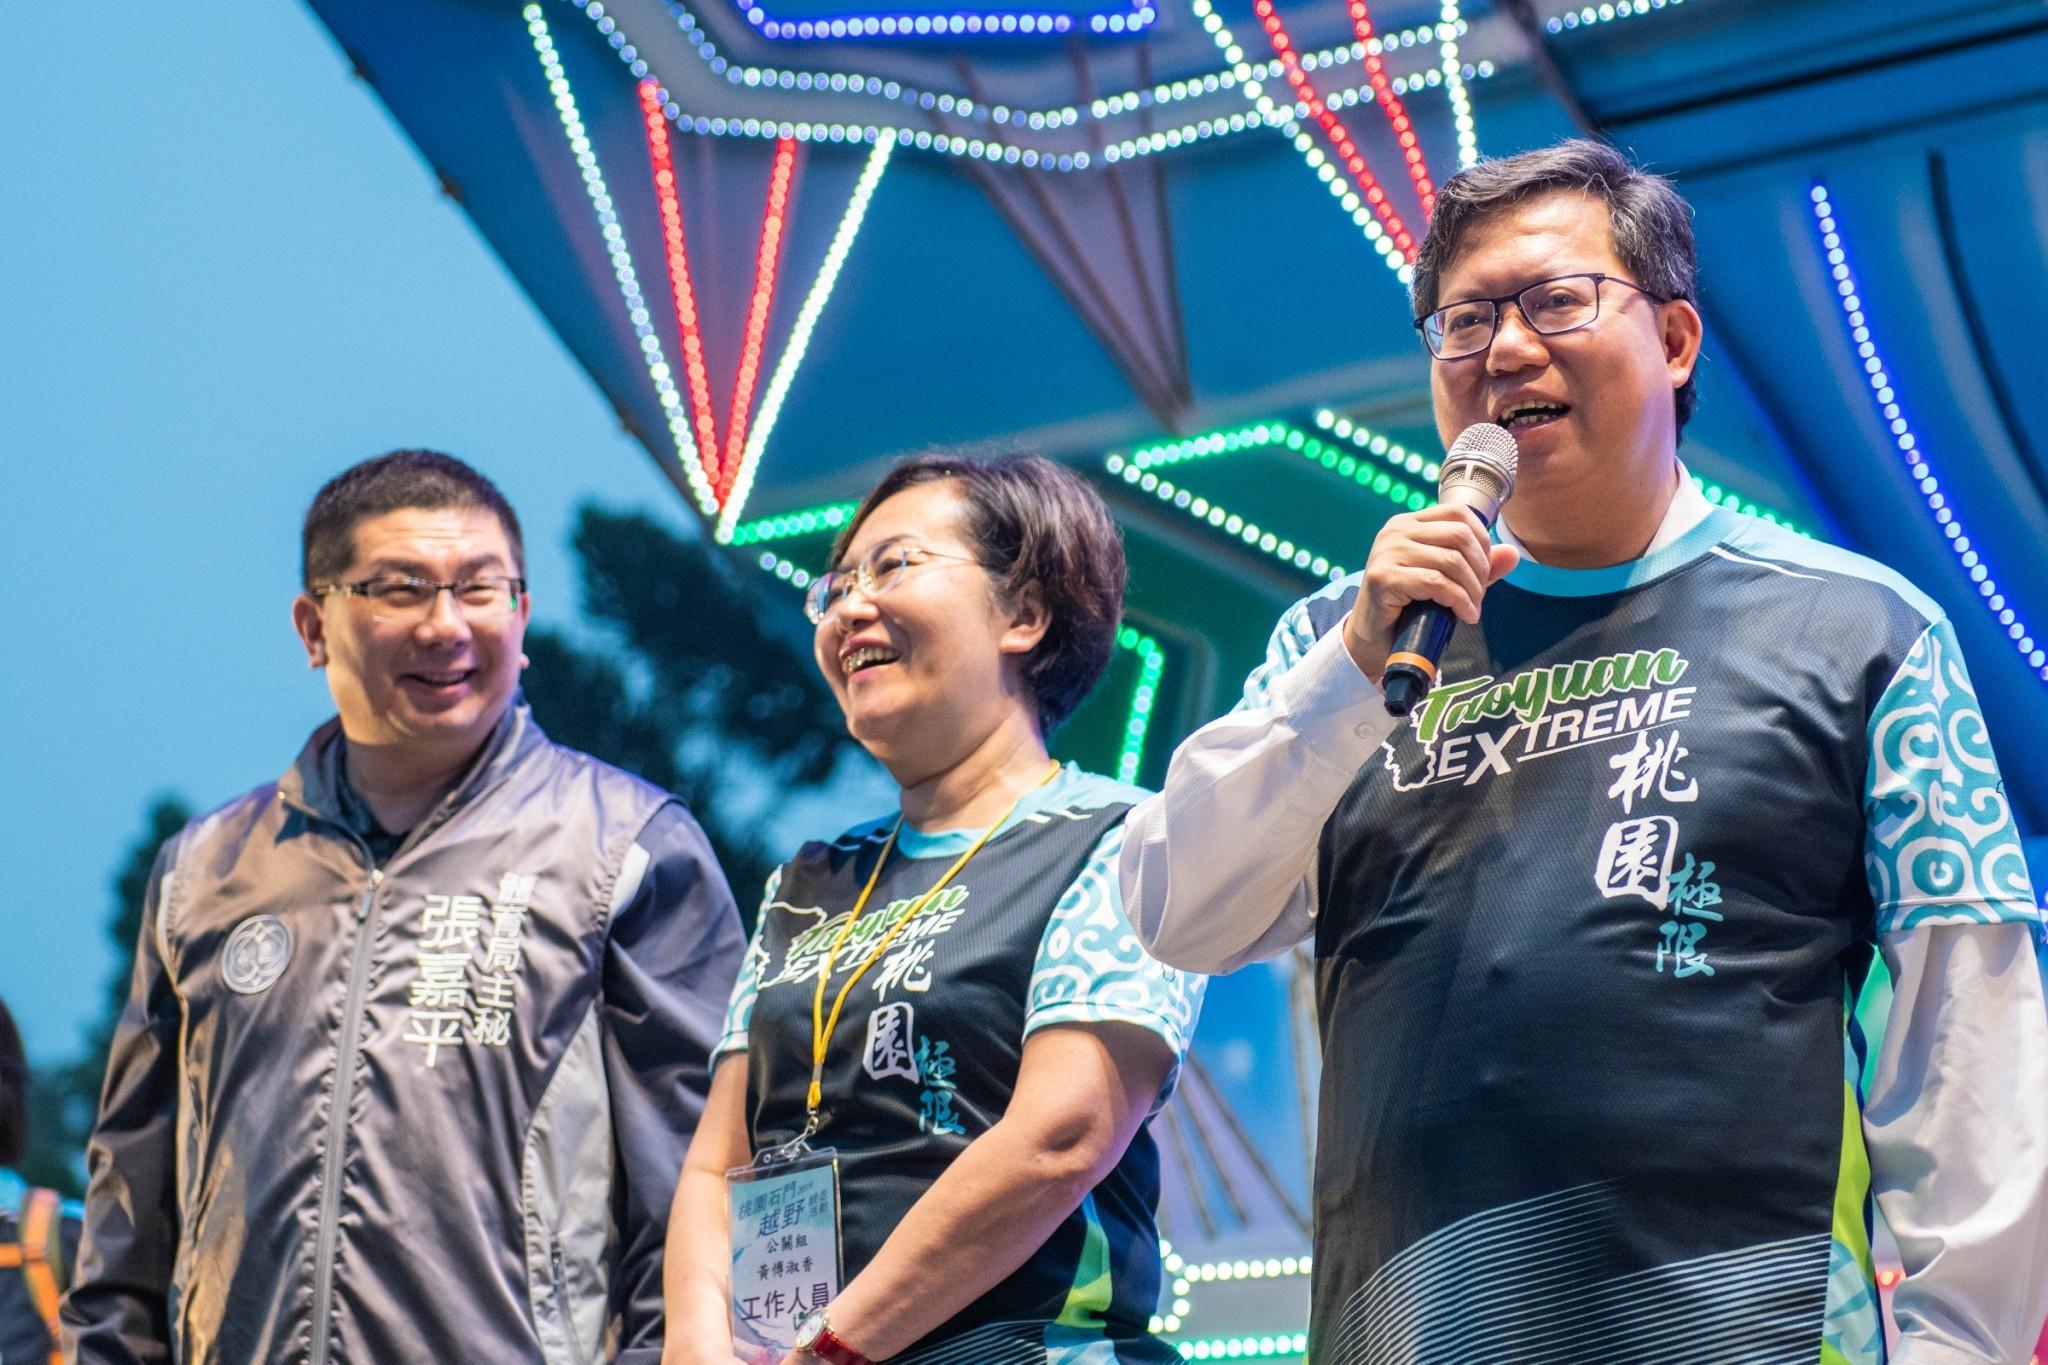 鄭市長表示,將提供更多跑山越野賽,享受慢跑樂趣